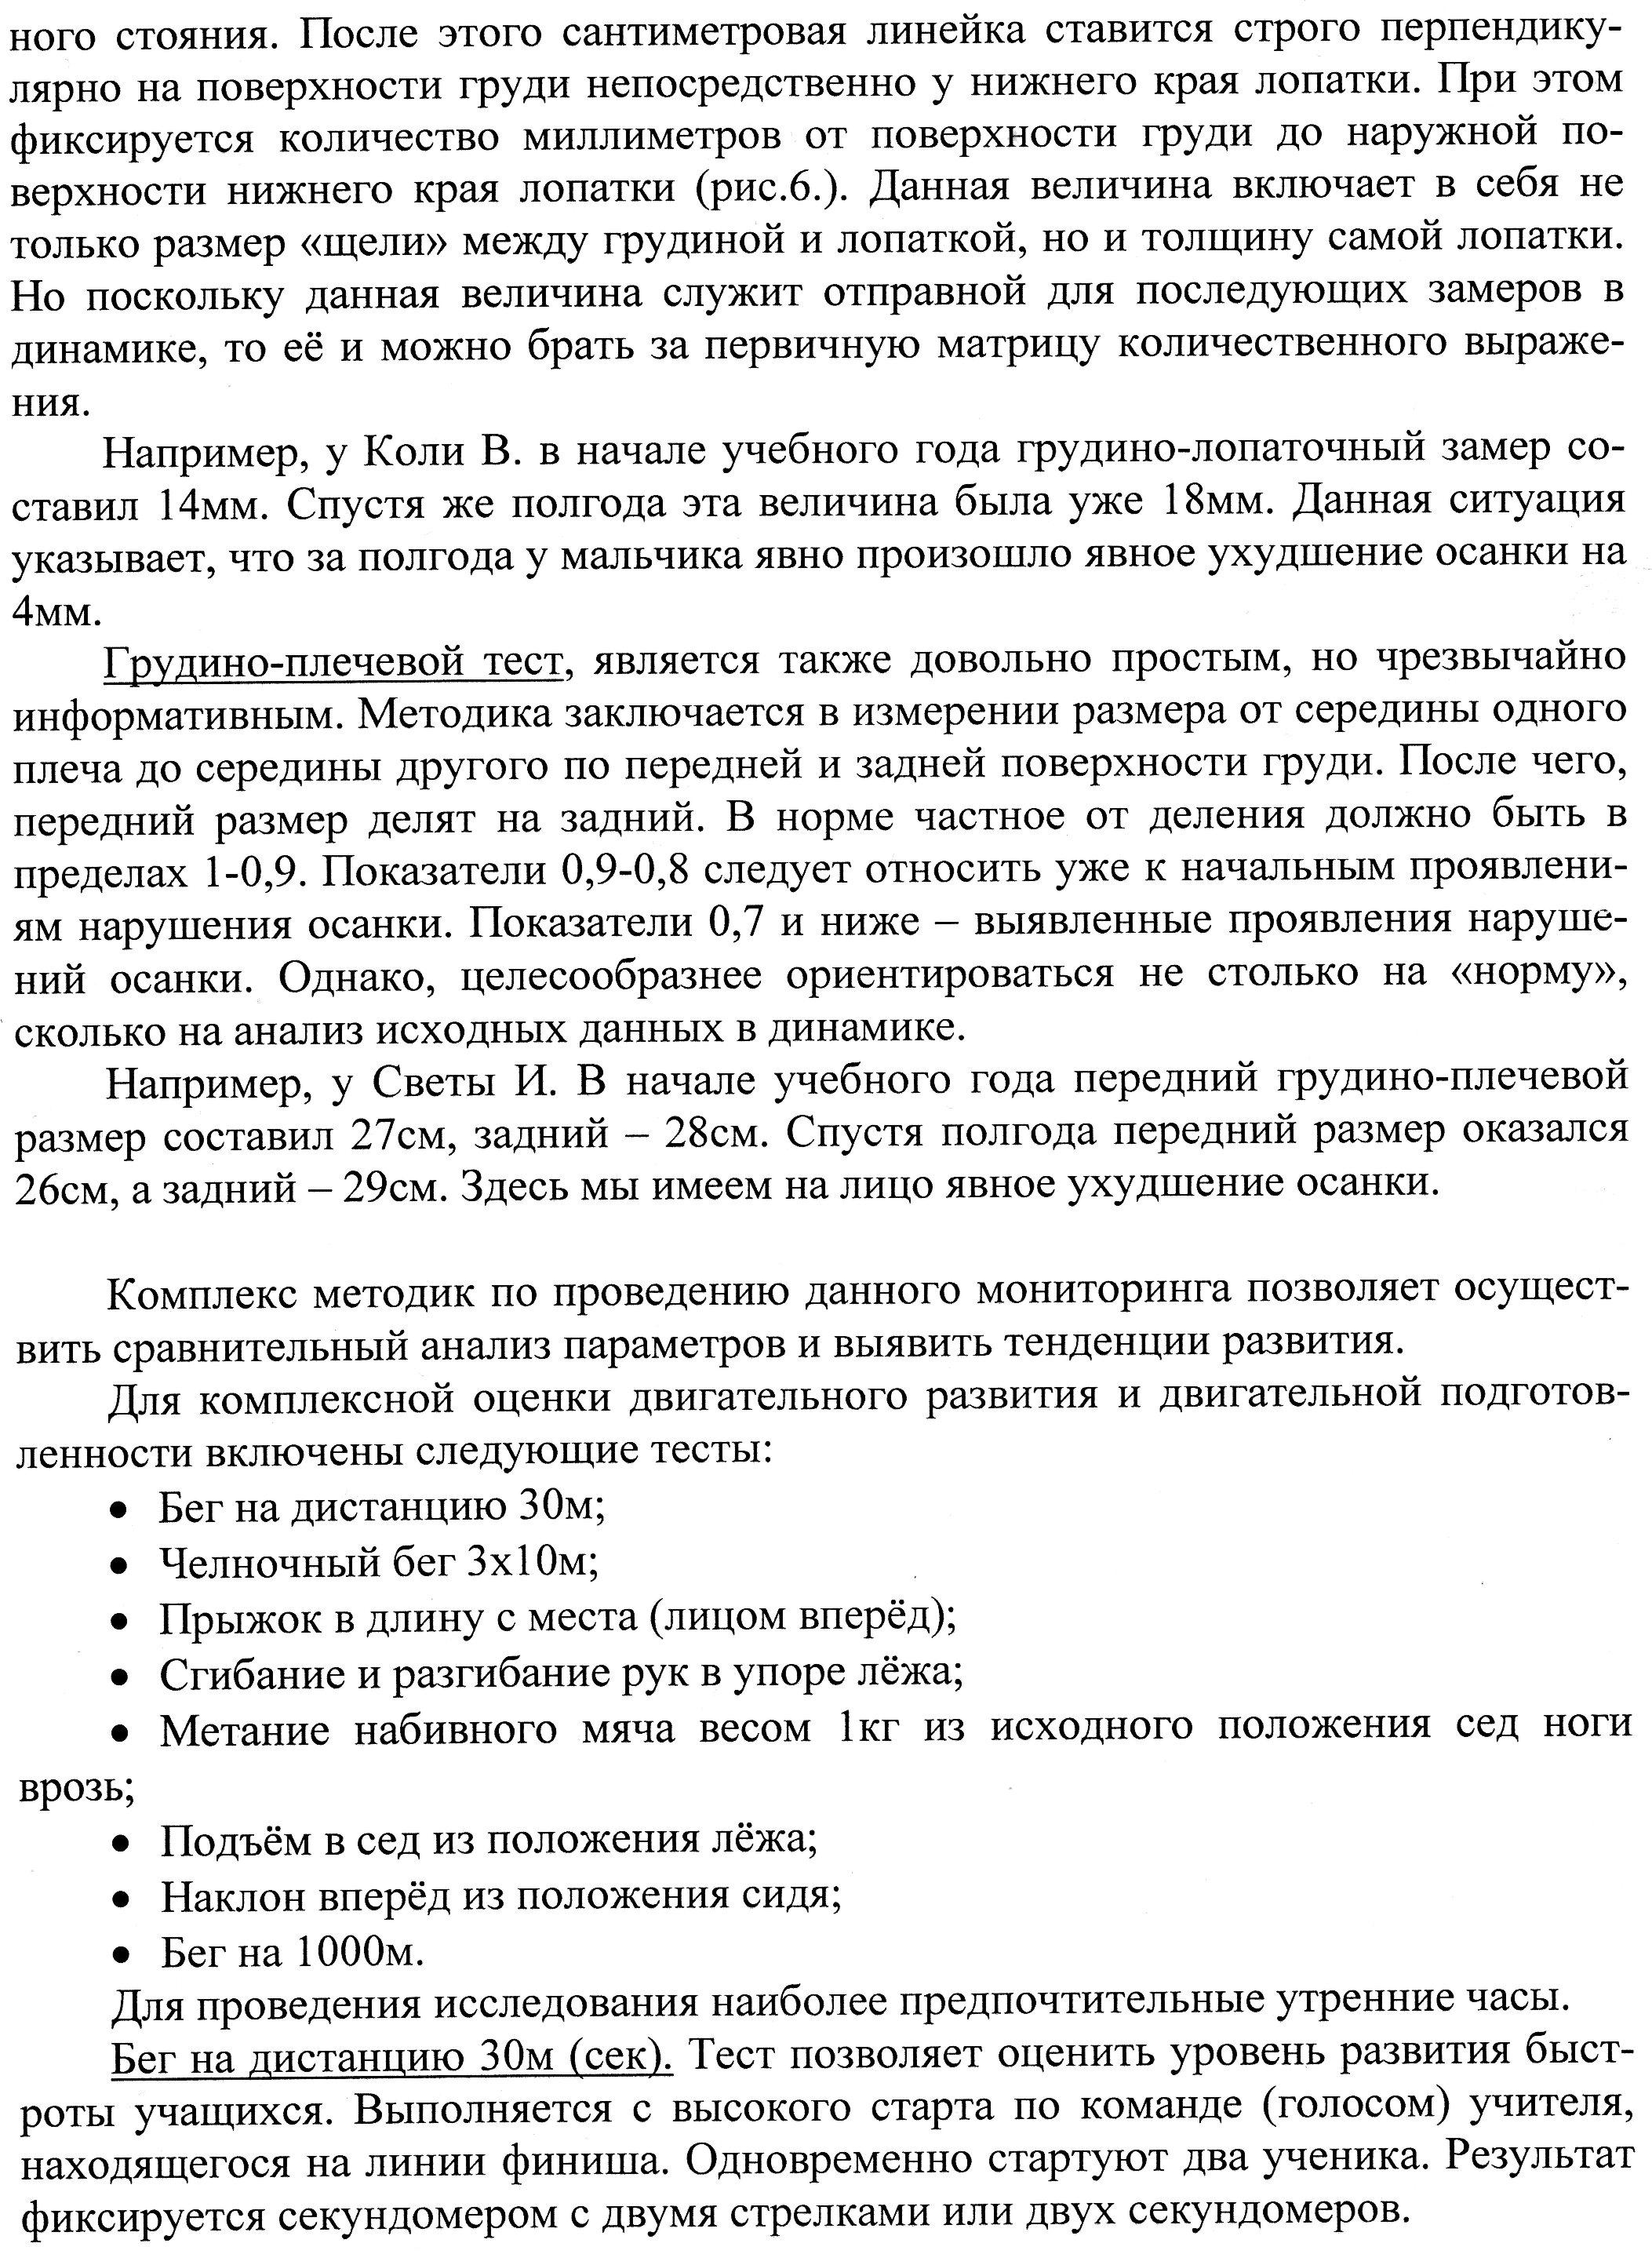 C:\Users\Валентина\Desktop\Ира\2.jpg